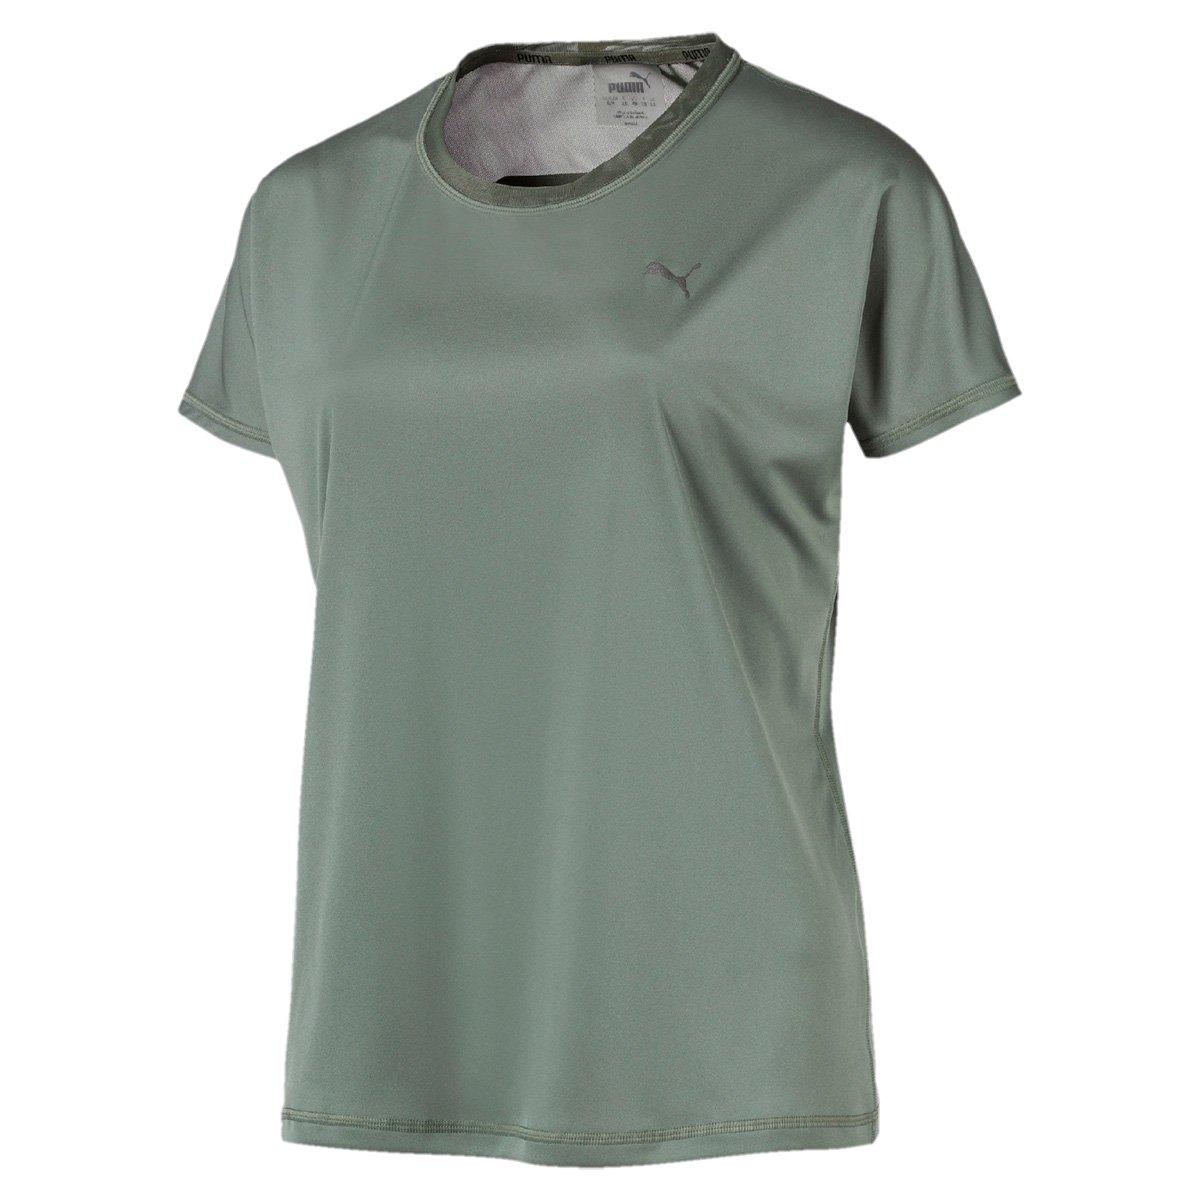 Camiseta Puma Explosive Box Feminina d8146ab7f69